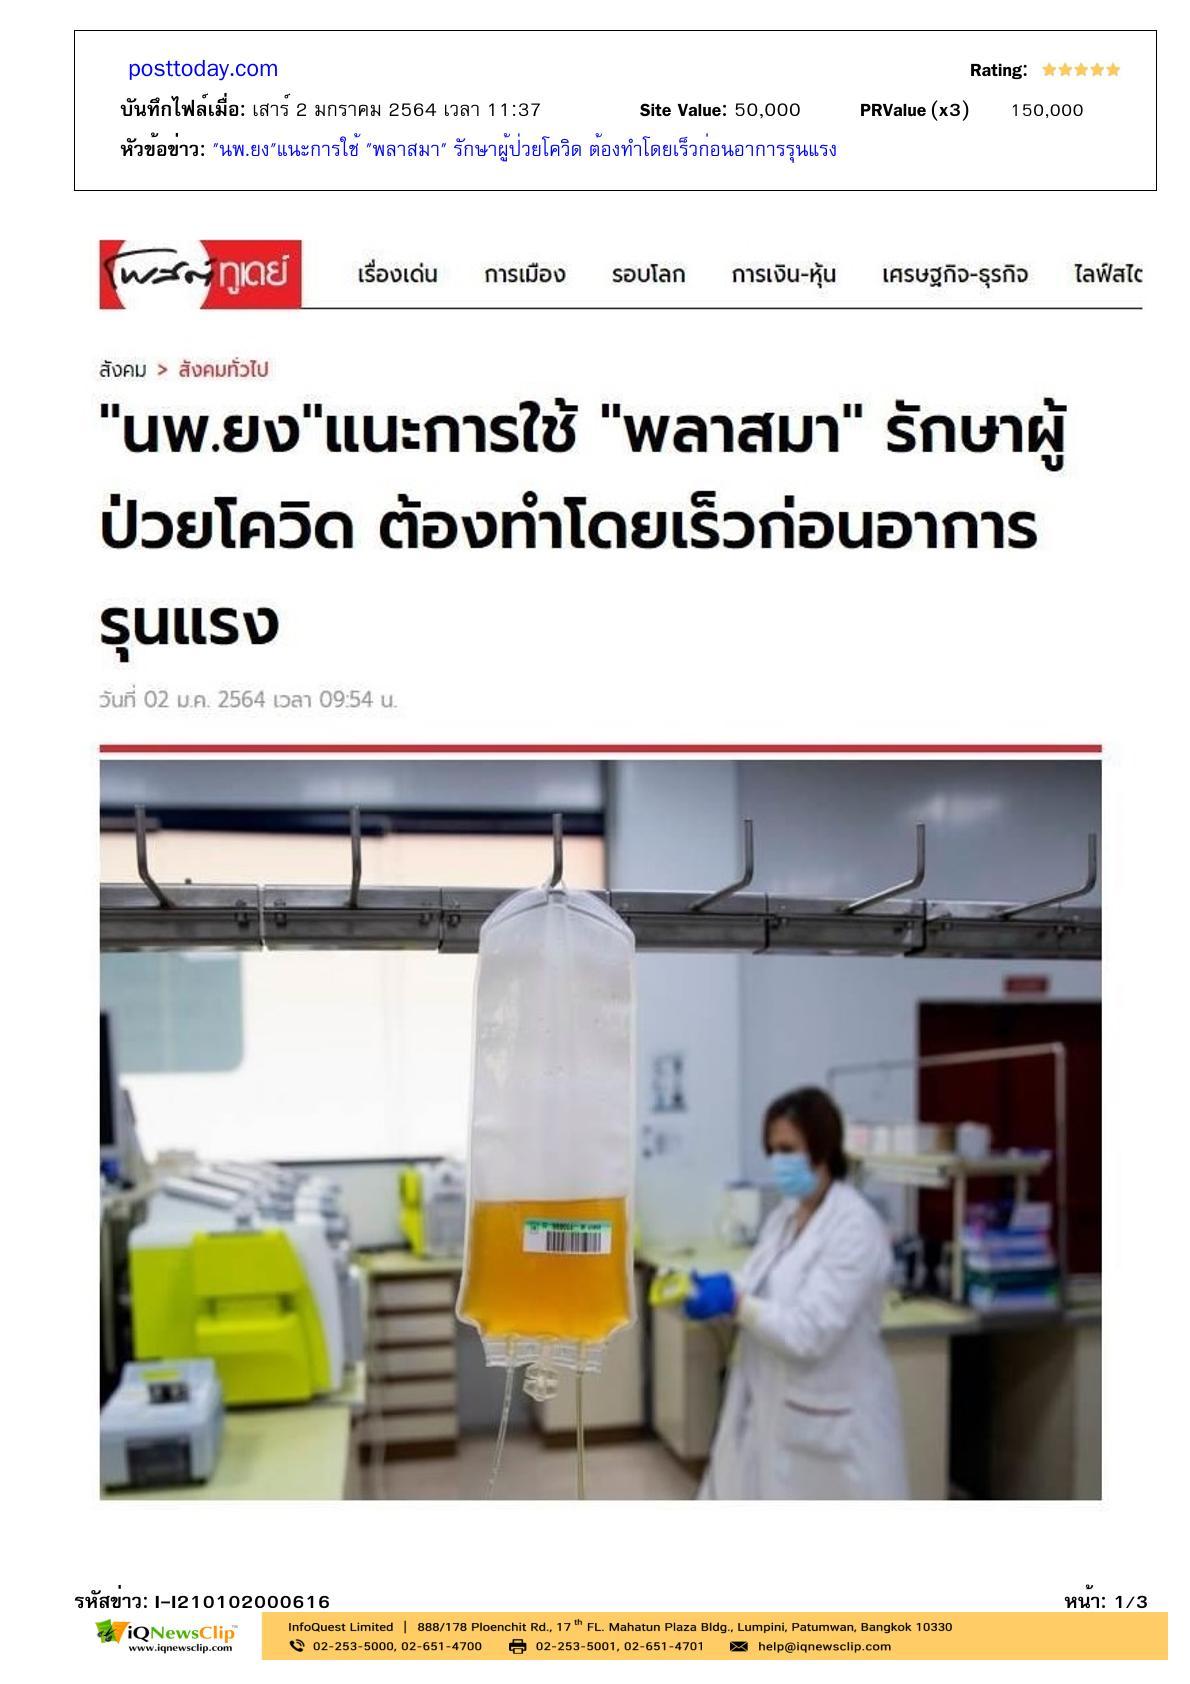 """บทความเรื่อง """"นพ.ยง แนะการใช้พลาสมา รักษาผู้ป่วยโควิด  ต้องทำโดยเร็วก่อนอาการรุนแรง"""""""